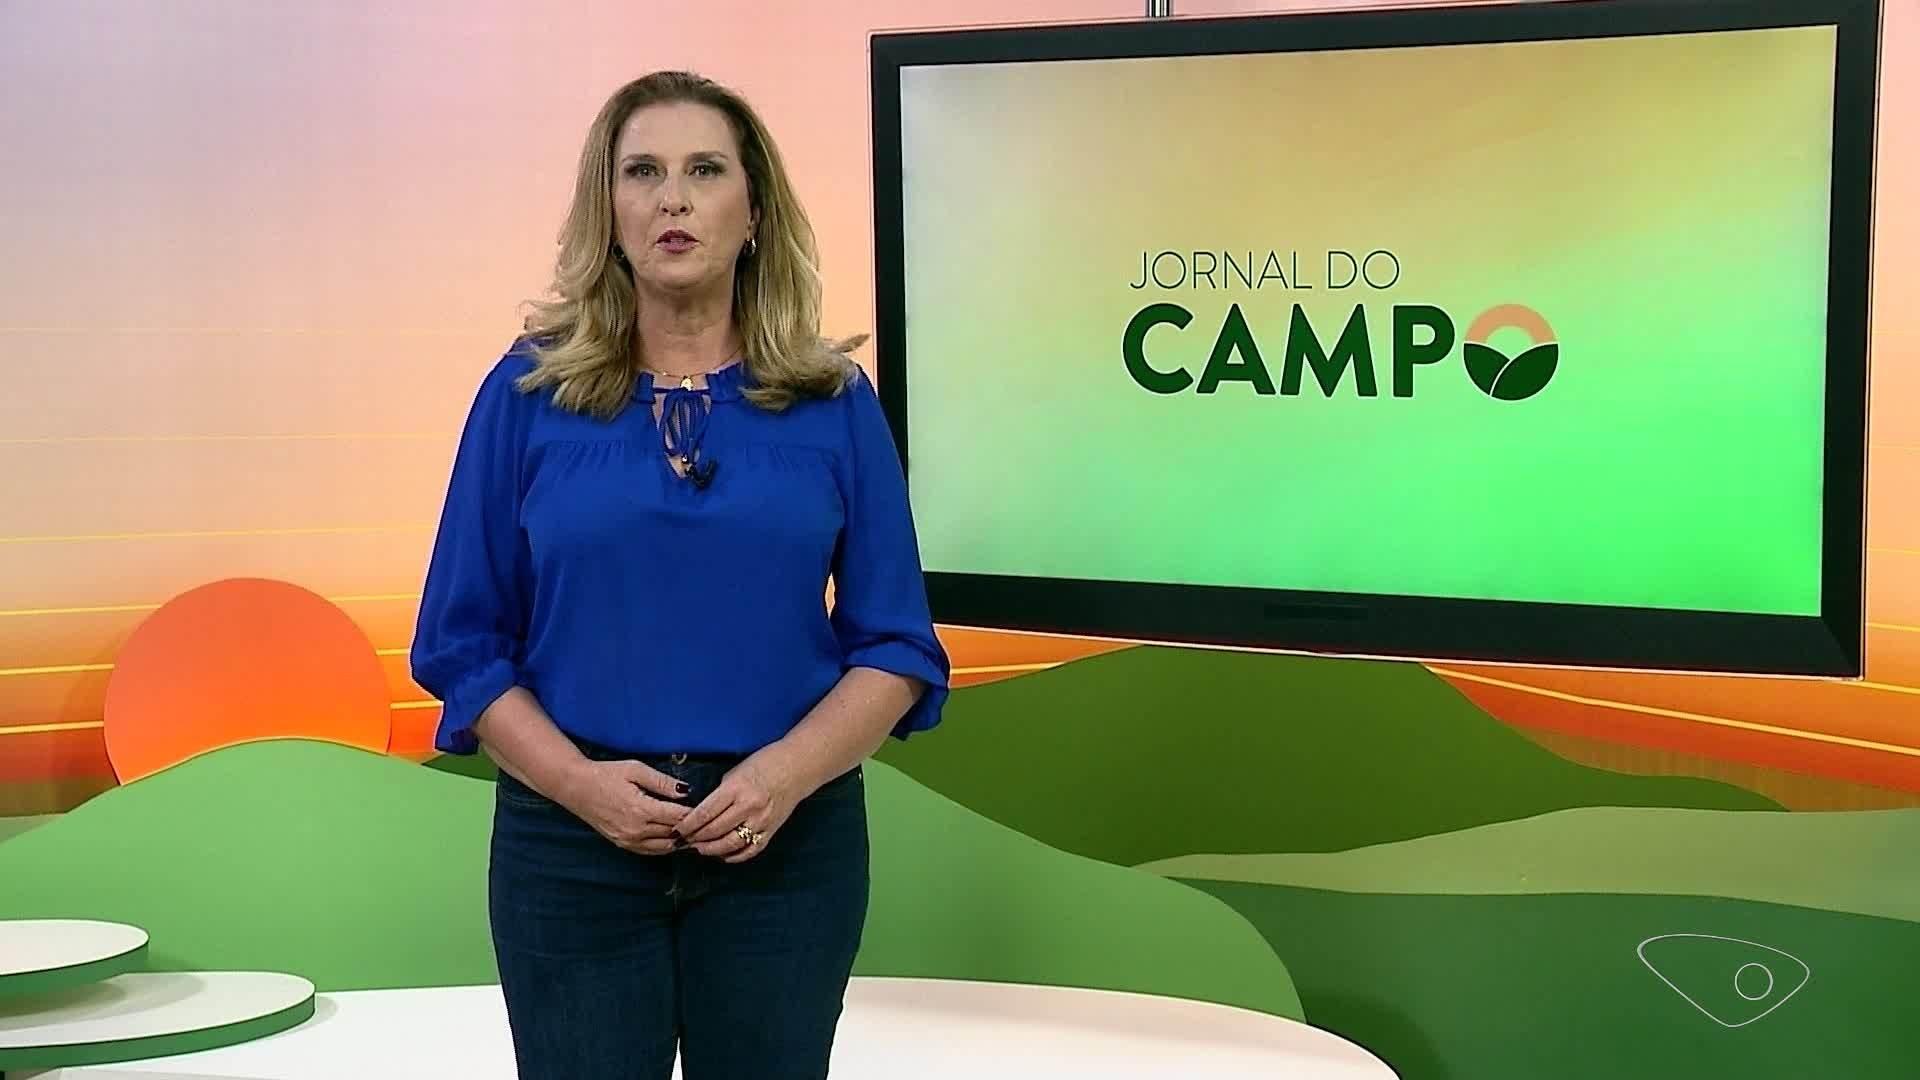 VÍDEO: Jornal do Campo ES de domingo,  17 de outubro de 2021